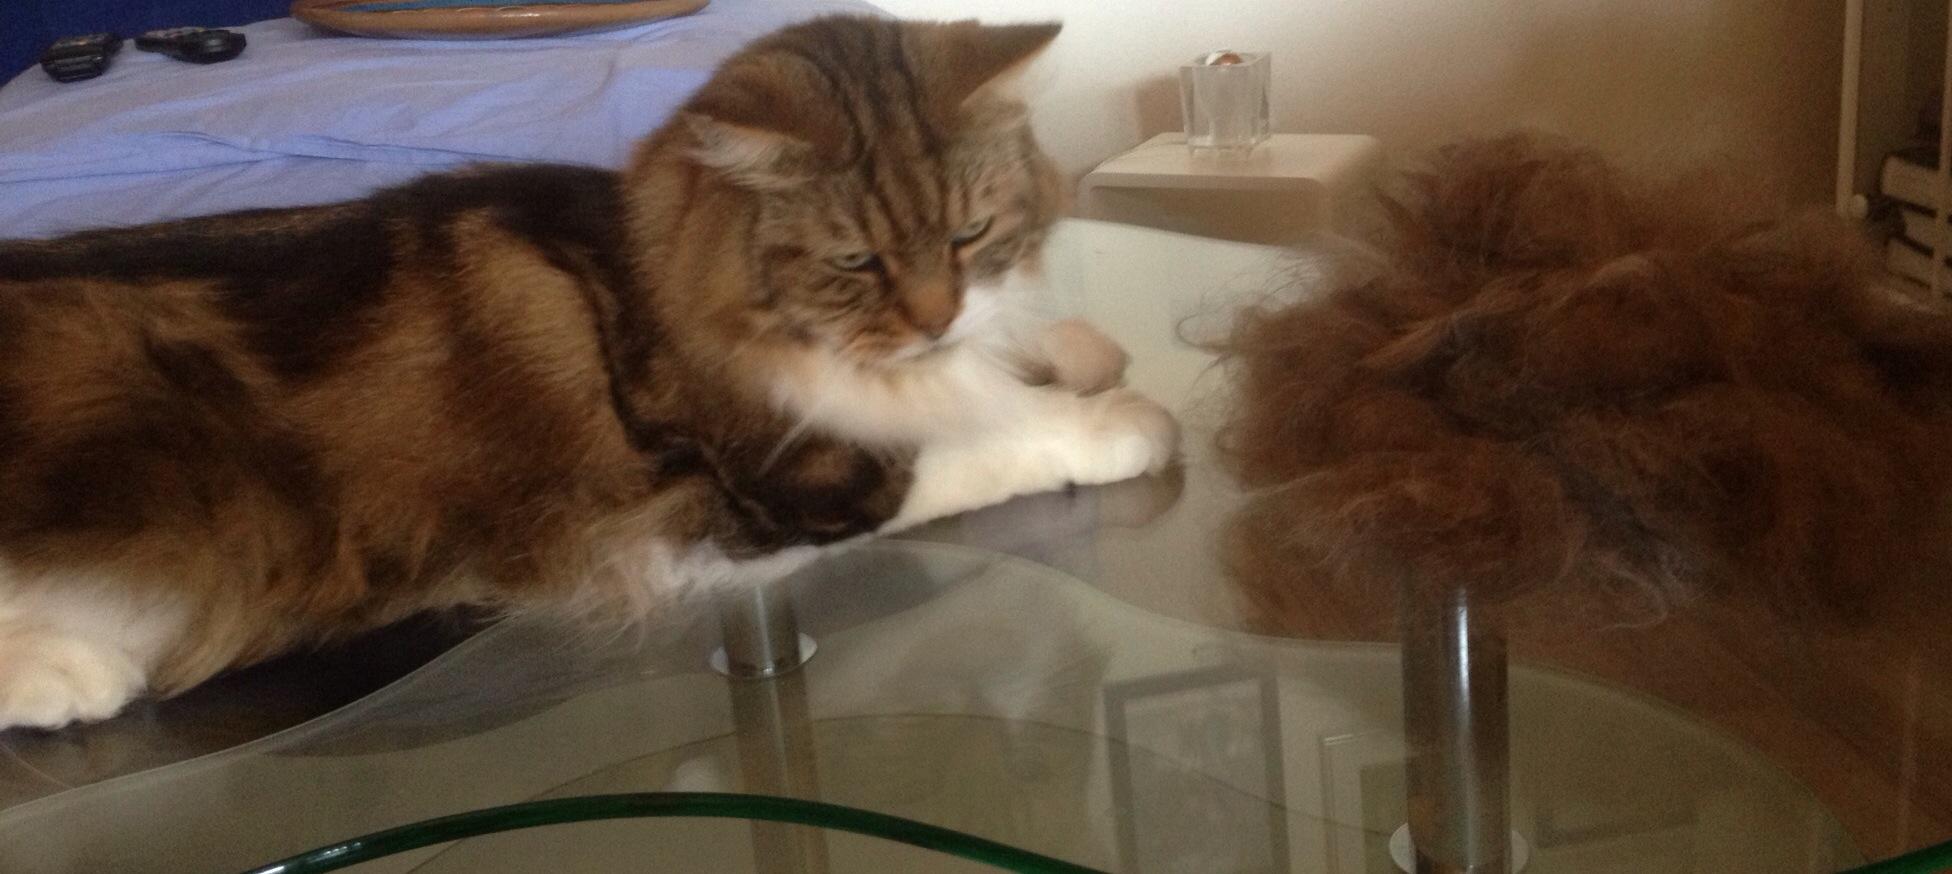 Katzenpflege katze katzen